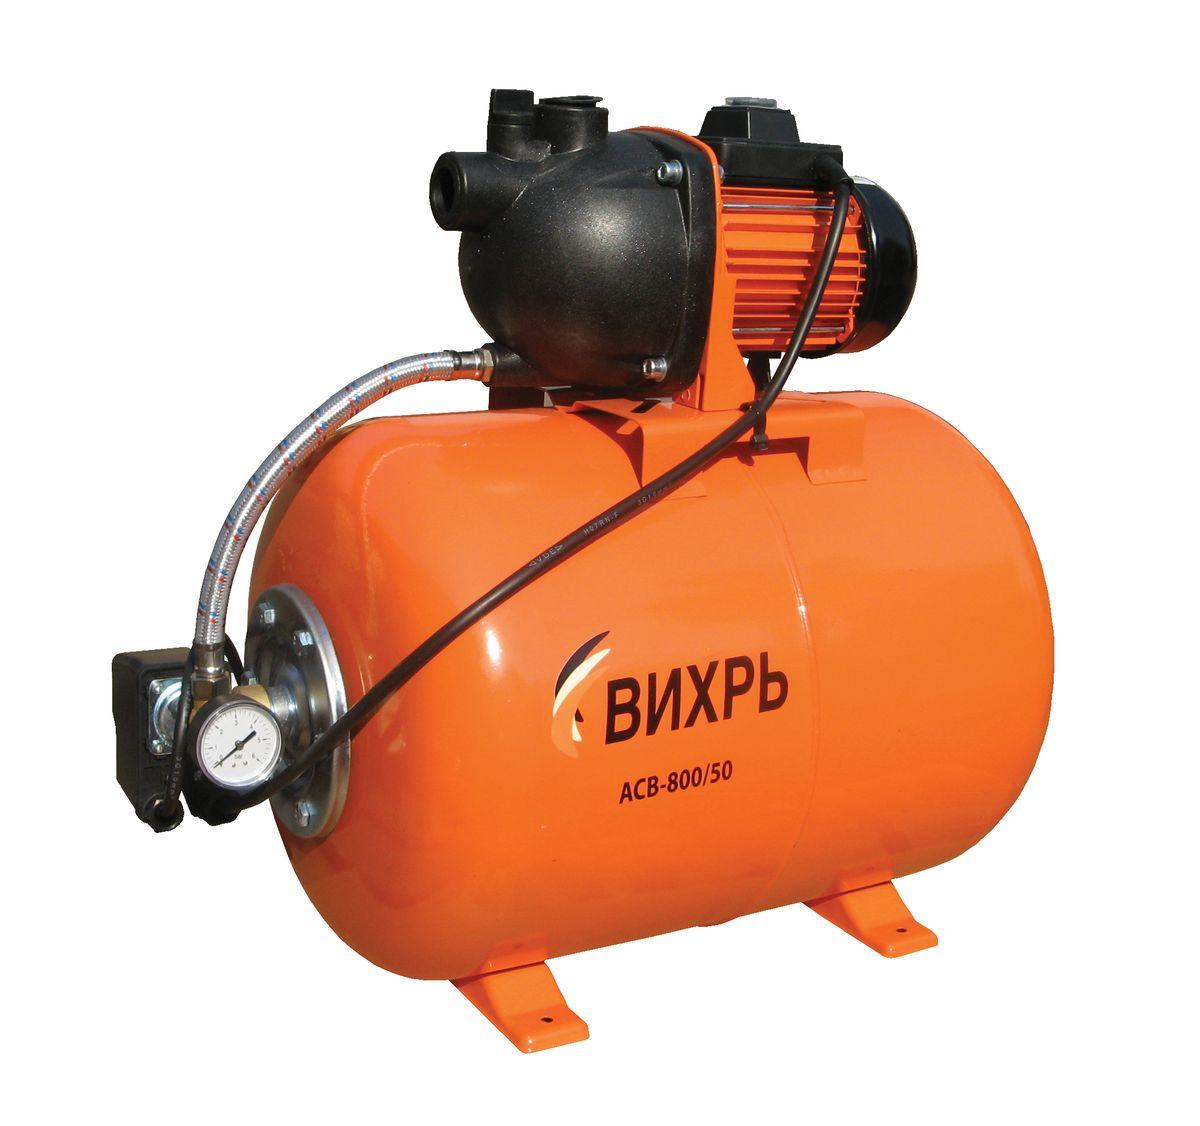 Насосная станция Вихрь АСВ-800/5068/1/3Насосная станция Вихрь АСВ-800/50 предназначена для бесперебойного водоснабжения в автоматическом режиме, коттеджей, дач, ферм и других потребителей. При этом она автоматически поддерживает необходимое давление в системе водоснабжения, самостоятельно включаясь и отключаясь по мере расходования воды потребителями. Встроенный датчик давления обеспечивает автоматическое включение насоса в случае необходимости. Гидроаккумулятор служит для аккумулирования воды под давлением и сглаживания гидроударов. Он состоит из стального резервуара со сменной мембраной из пищевой резины и имеет пневмоклапан для закачивания сжатого воздуха. Насос со встроенным эжектором, сочетает преимущества центробежных с практичностью самовсасывающих насосов. Встроенный внутренний эжектор с системой труб Вентури обеспечивает хорошие условия всасывания на входе в насос и позволяет создать высокое давление на выходе. Они позволяют перекачивать воду с меньшими, по сравнению с обычными центробежными...